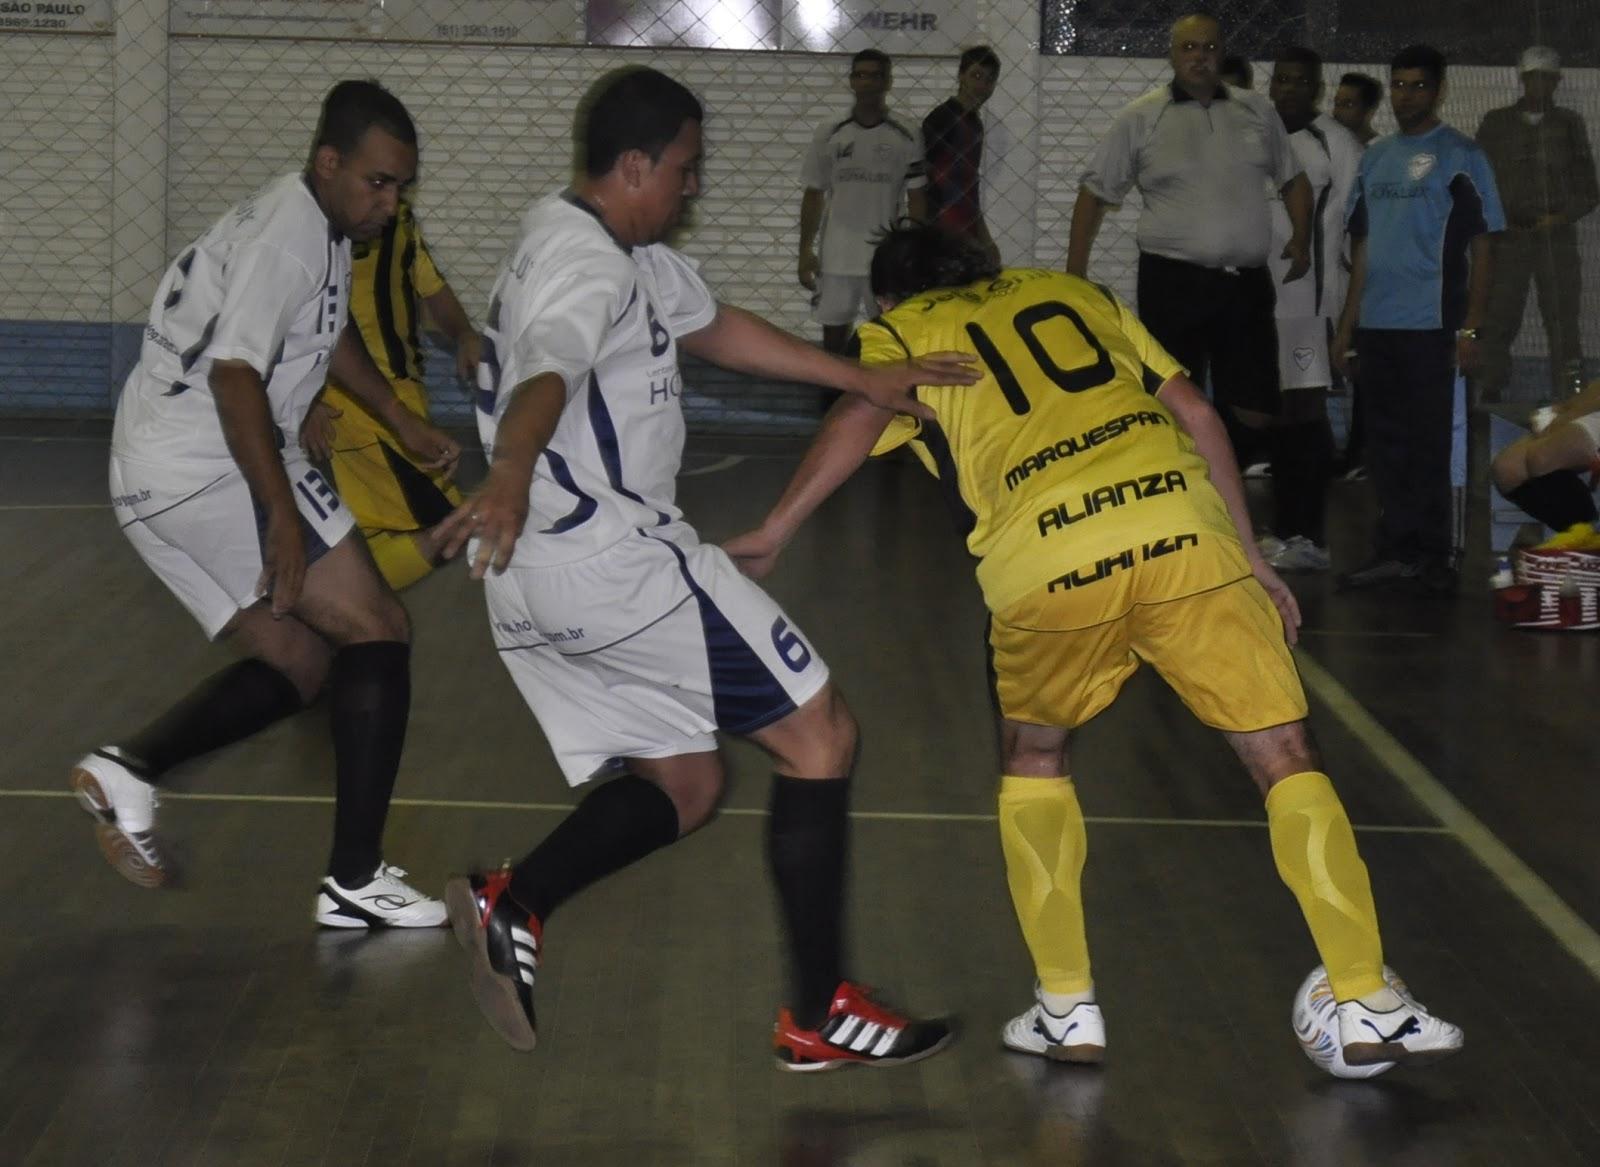 c3f5f3e464 Presidente Lucena – Na noite das últimas três estréias no 3º Aberto de  Futsal do Soberano Fundergs Nani Multimarcas